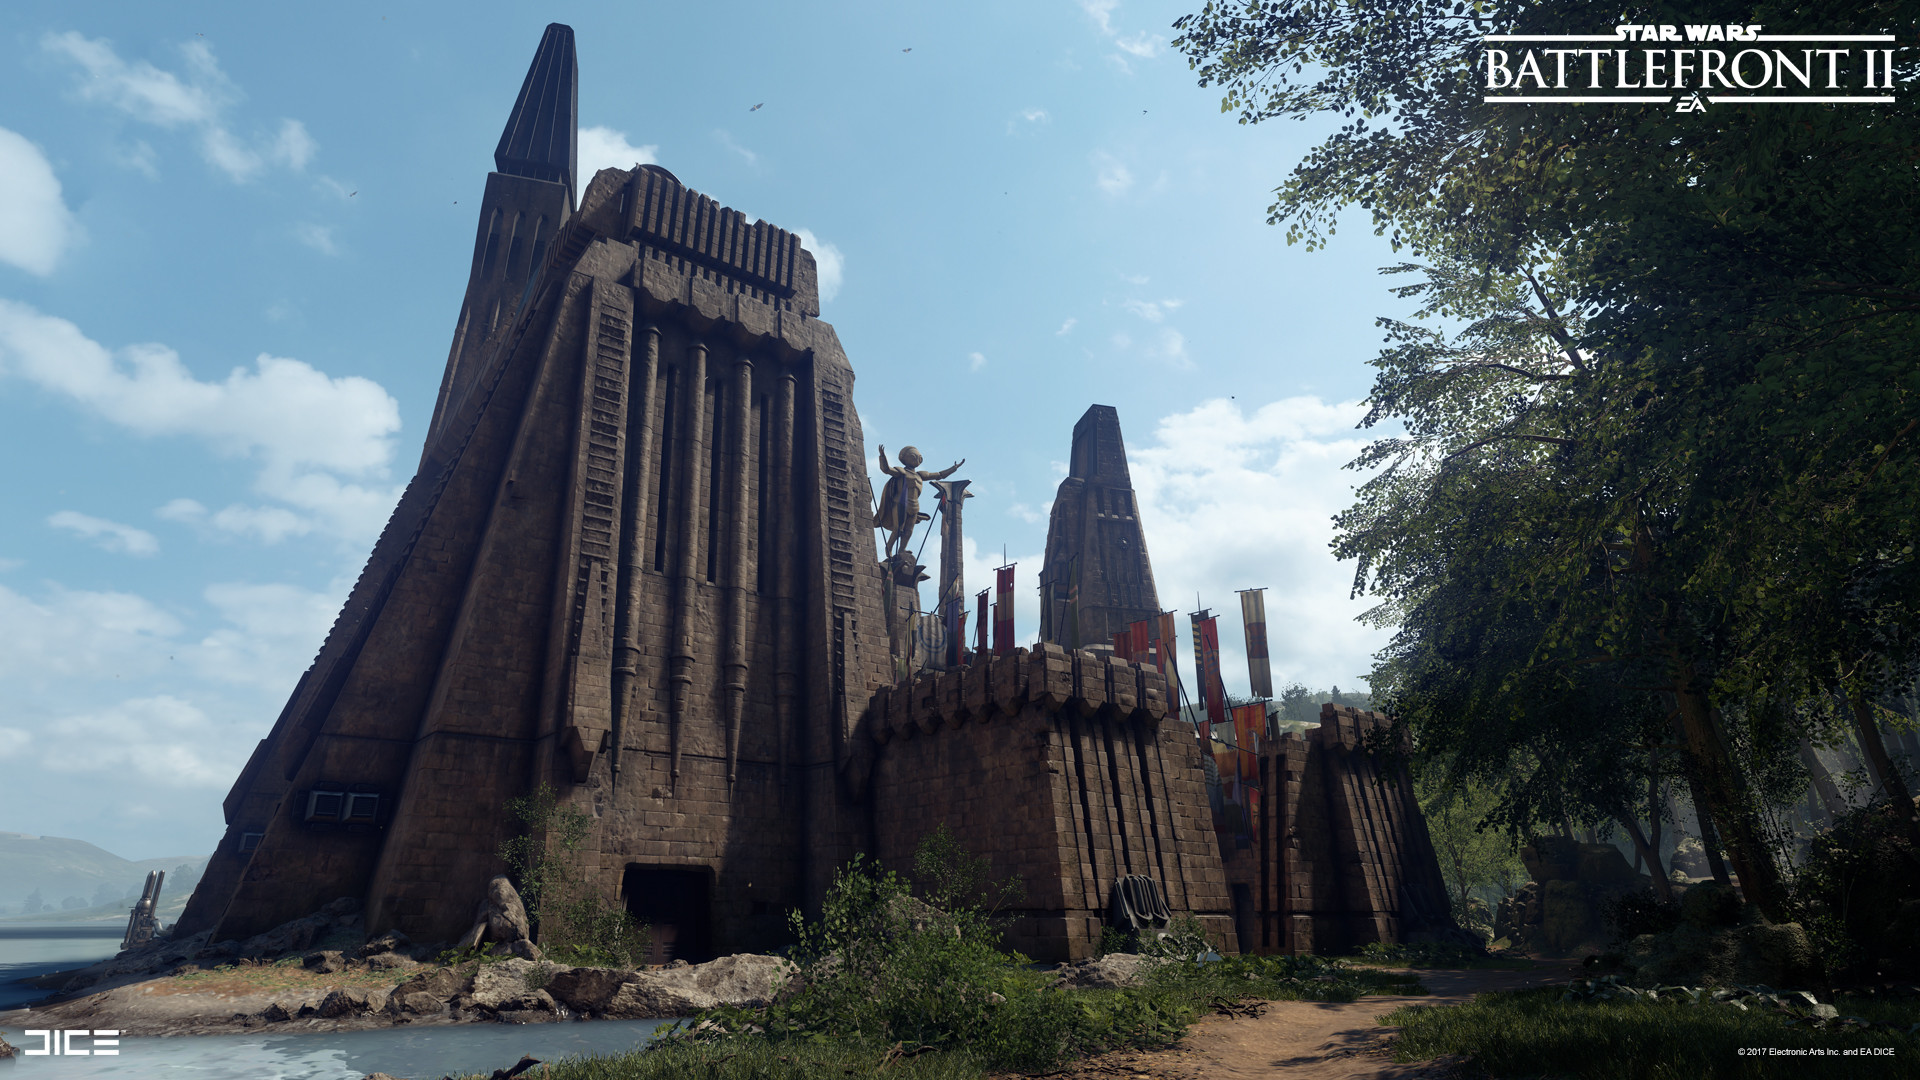 Takodana: Maz's Castle